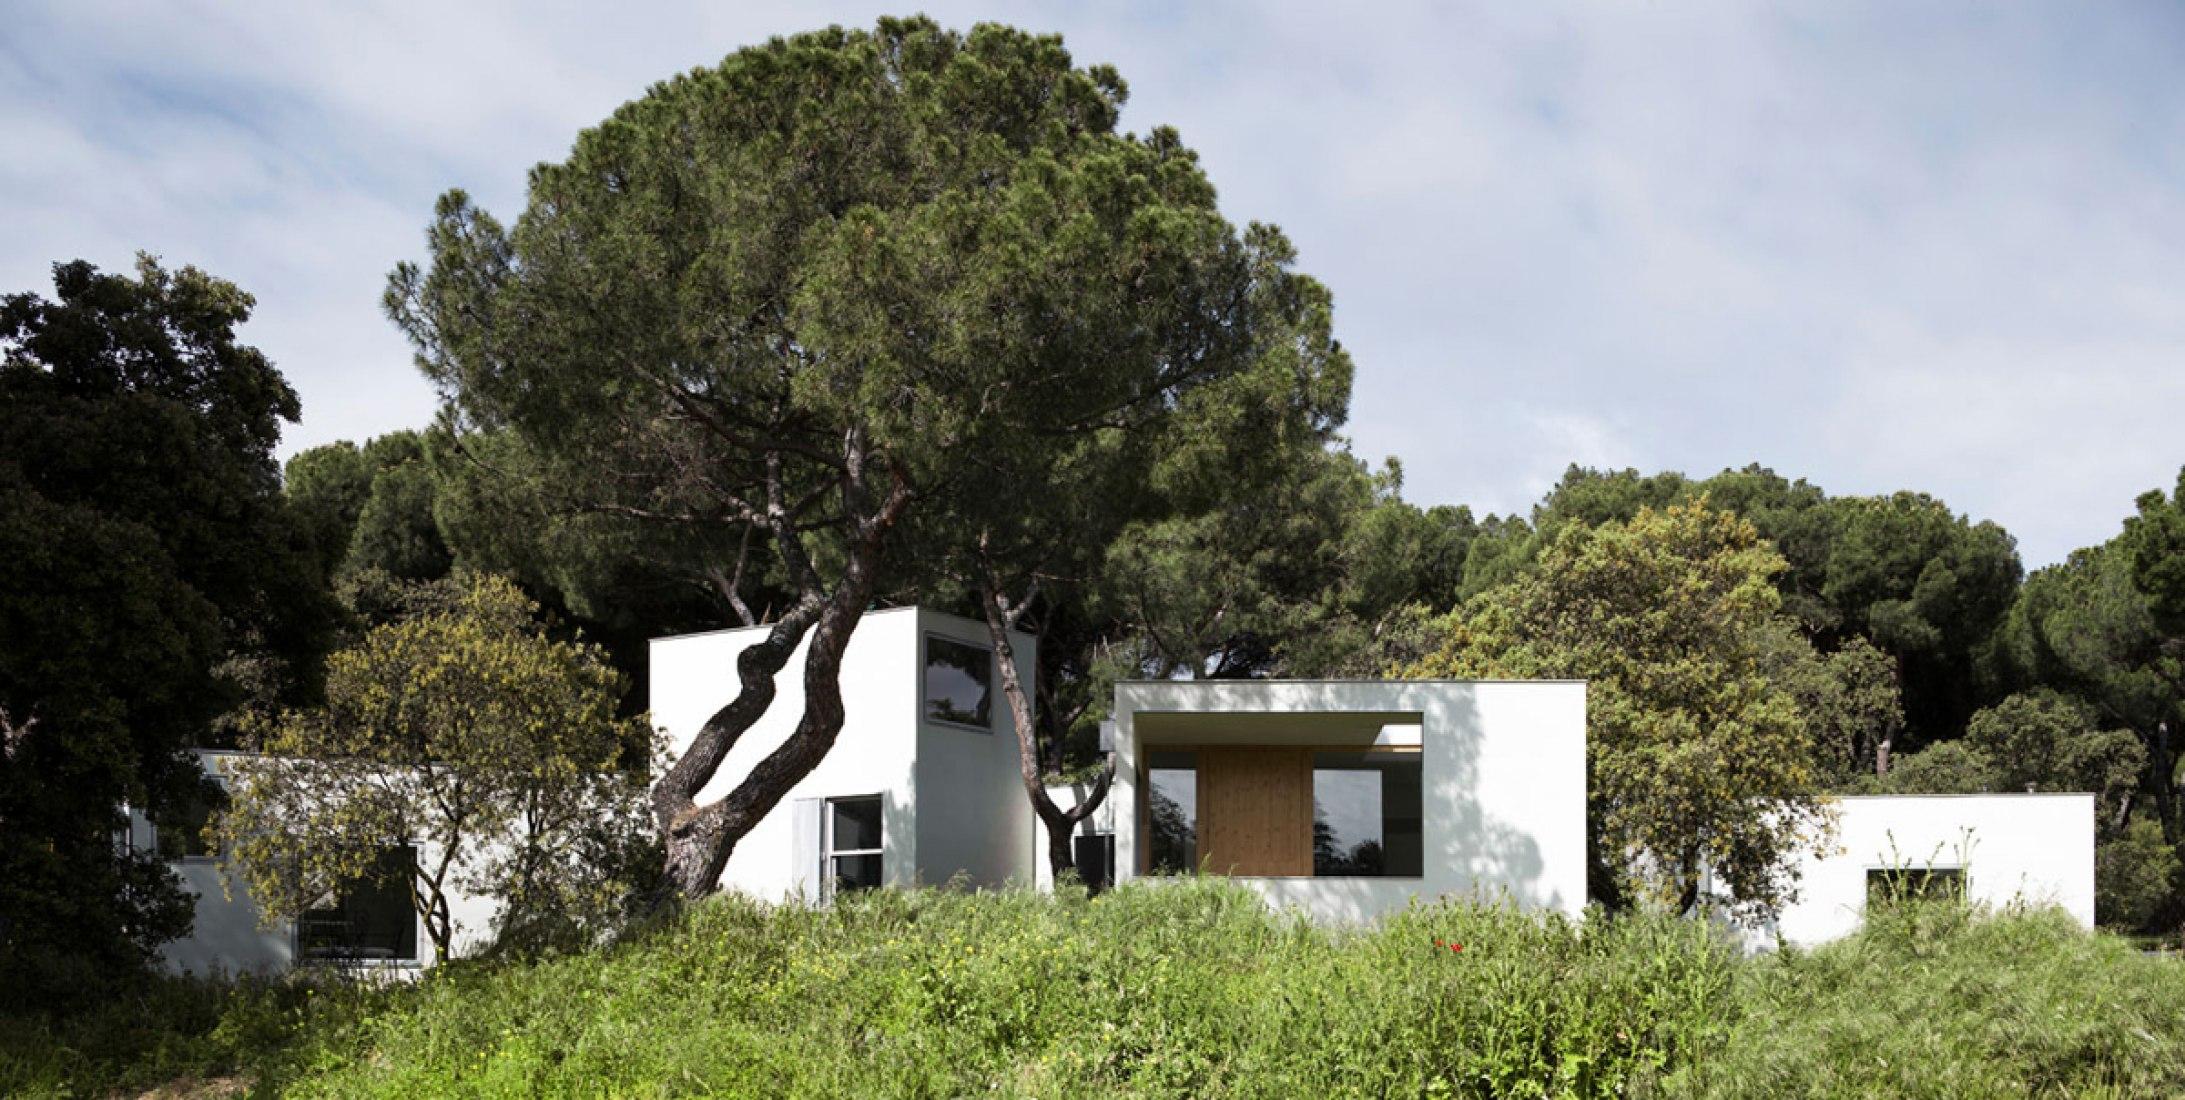 Casa MO por FRPO Rodriguez & Oriol ARCHITECTURE LANDSCAPE. Fotografía © Miguel de Guzmán.